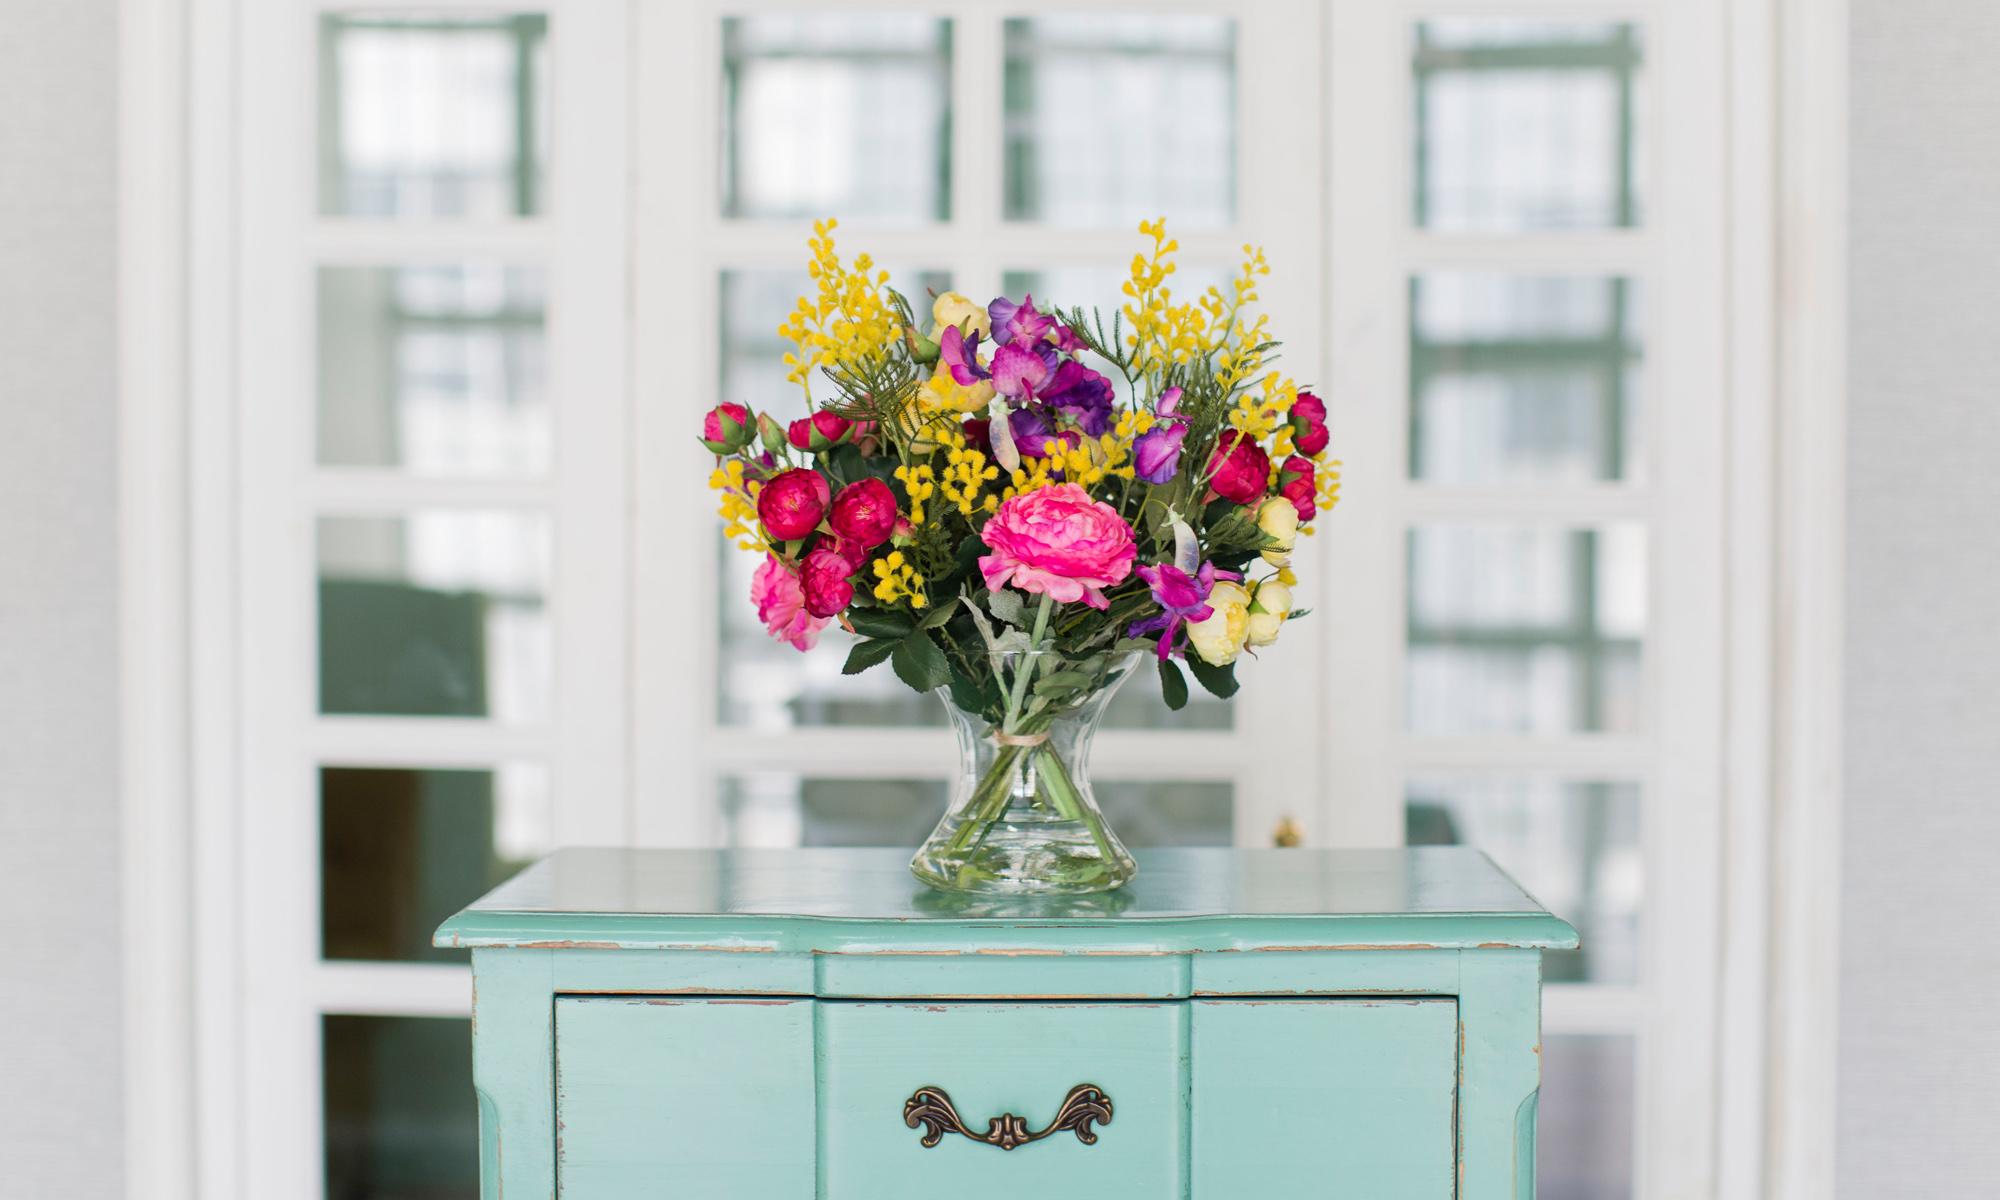 Купить Композиция из искусственных цветов - яркие ранункулюсы, душистый горошек, мимоза, inmyroom, Россия